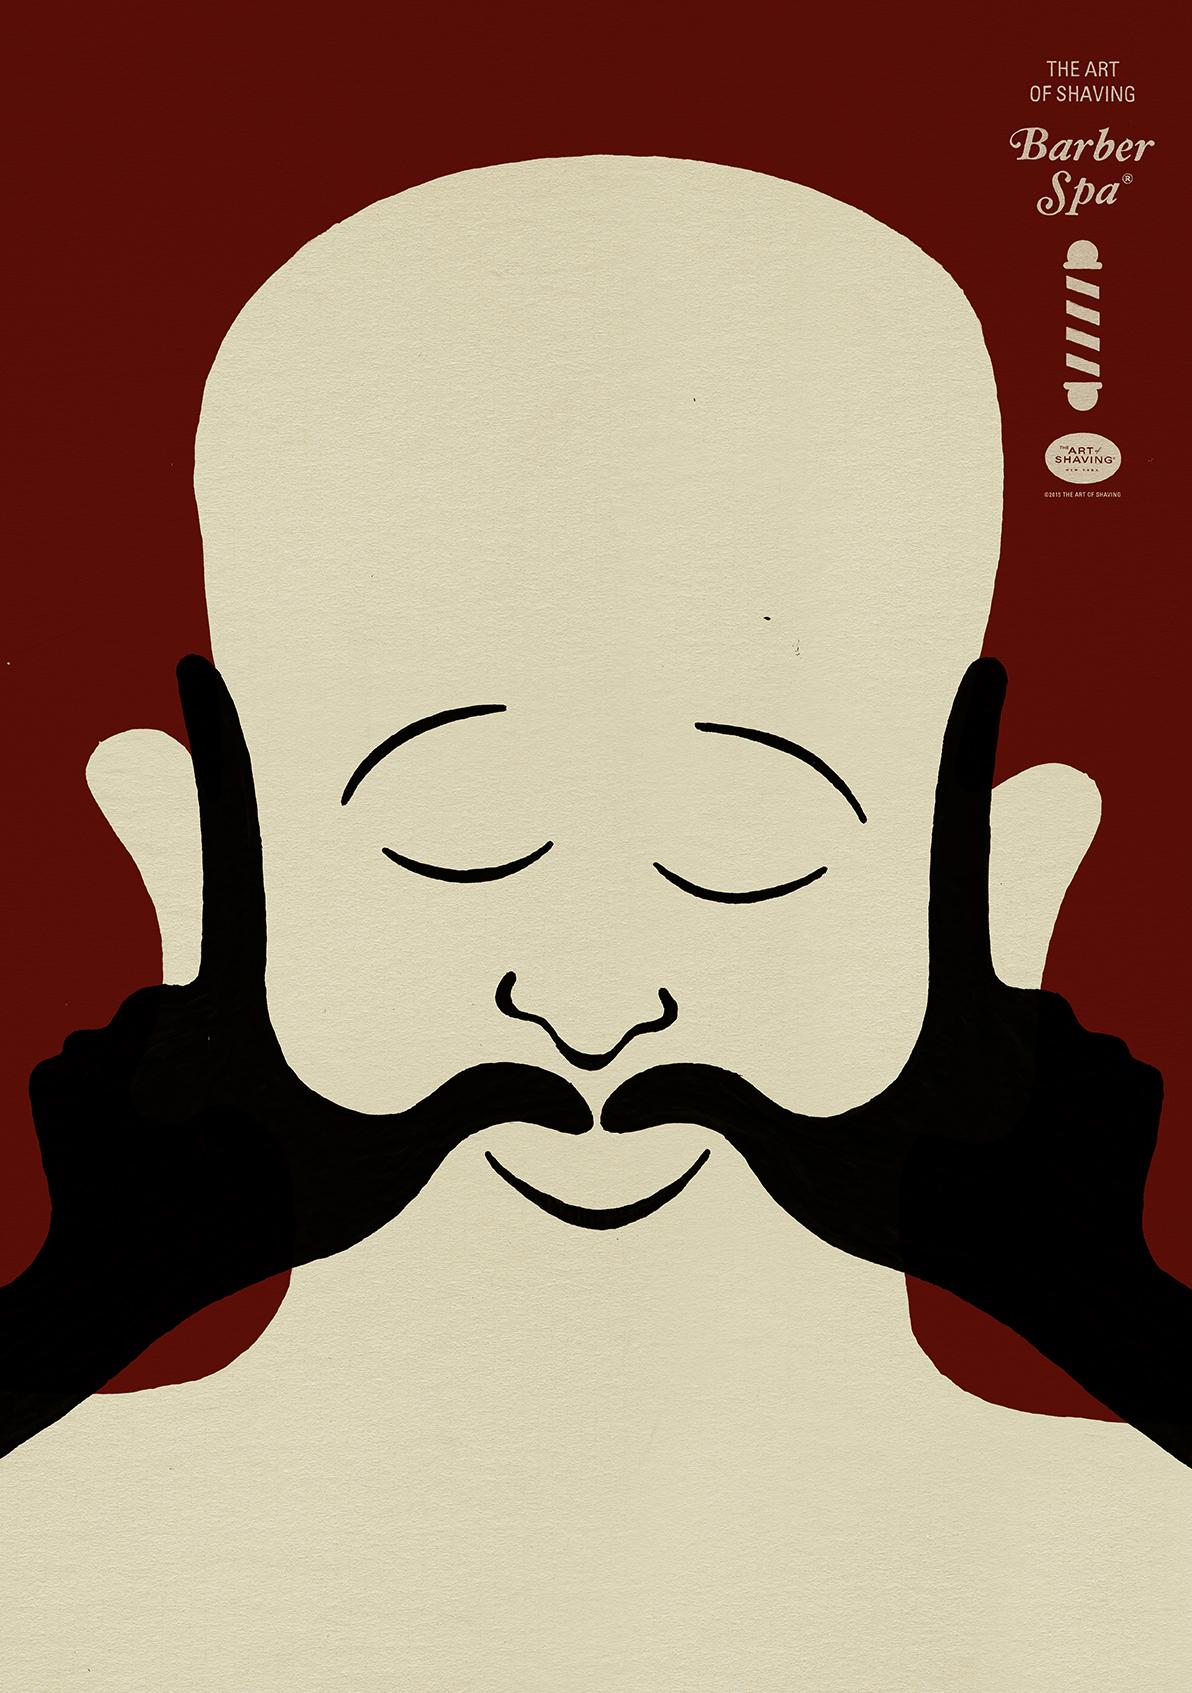 beard7be.jpg